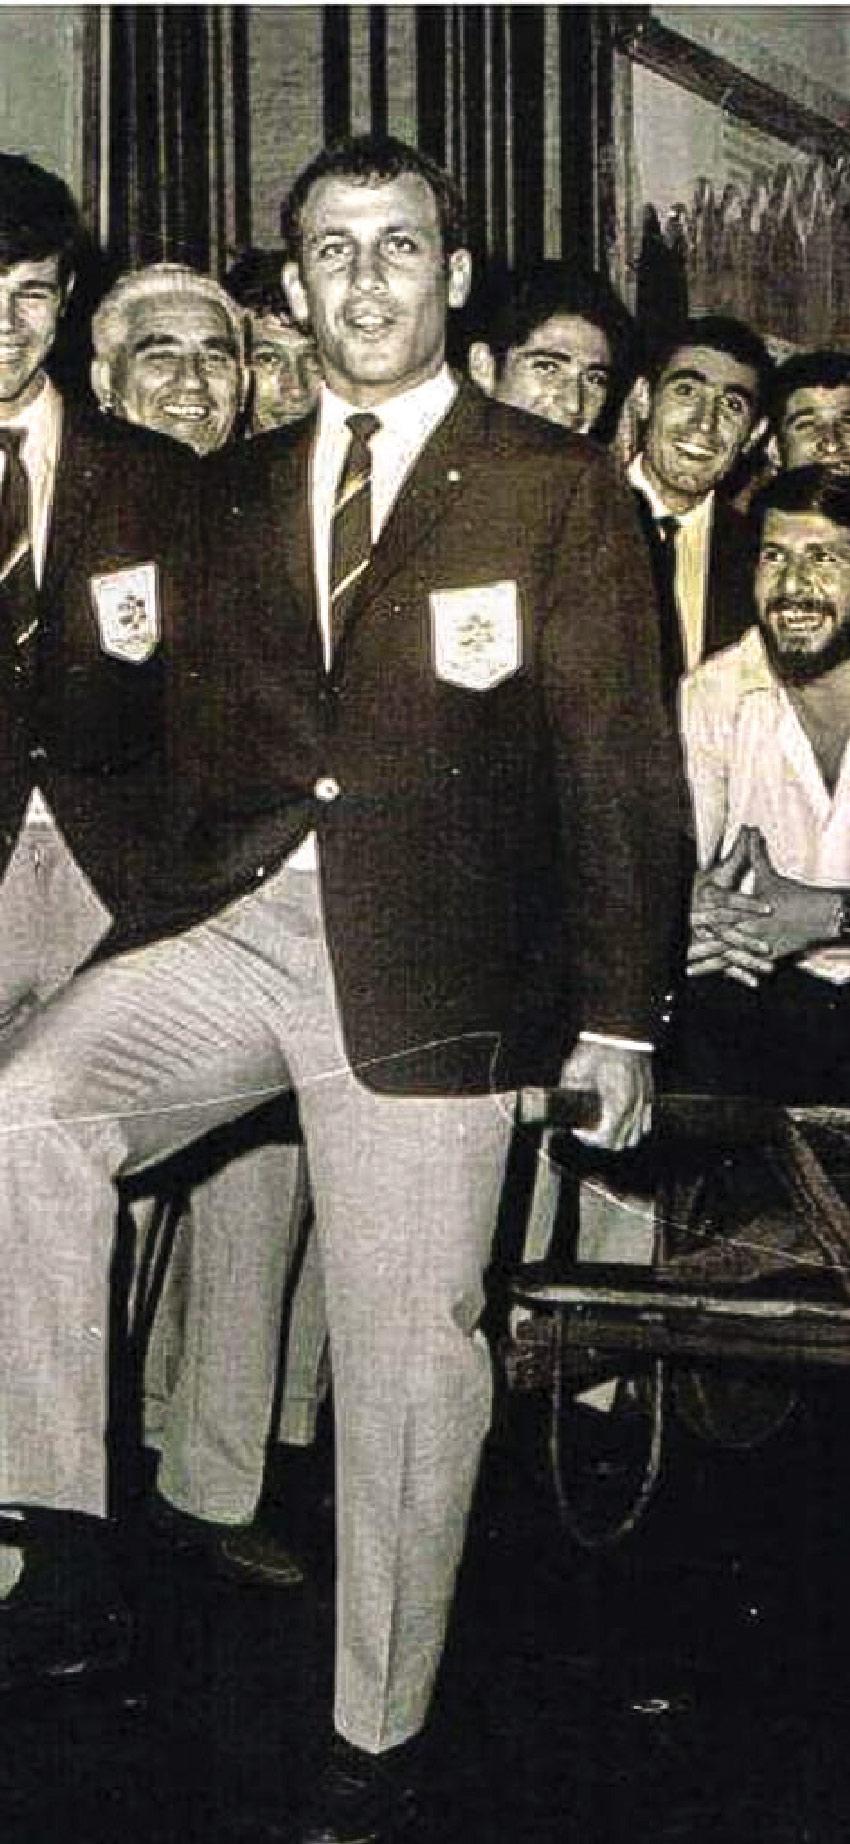 """דני (שמילו) רום במדי הייצוג של נבחרת ישראל. """"מוטל'ה שפיגלר סיפר לי שהמאמן בכלל לא רצה את אבא"""" (צילום מתוך האלבום המשפחתי)"""